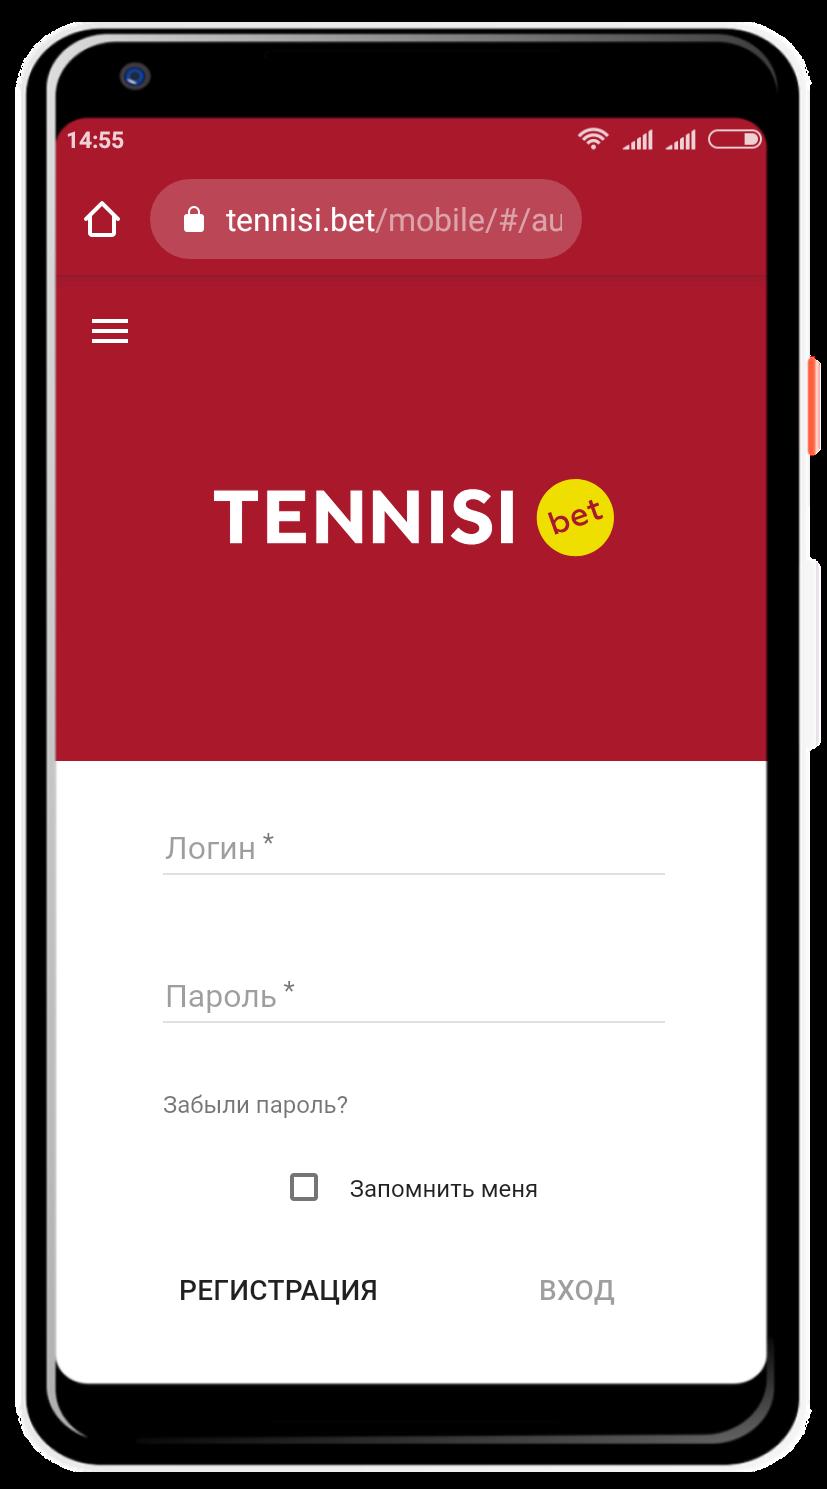 Тенниси мобильный сайт